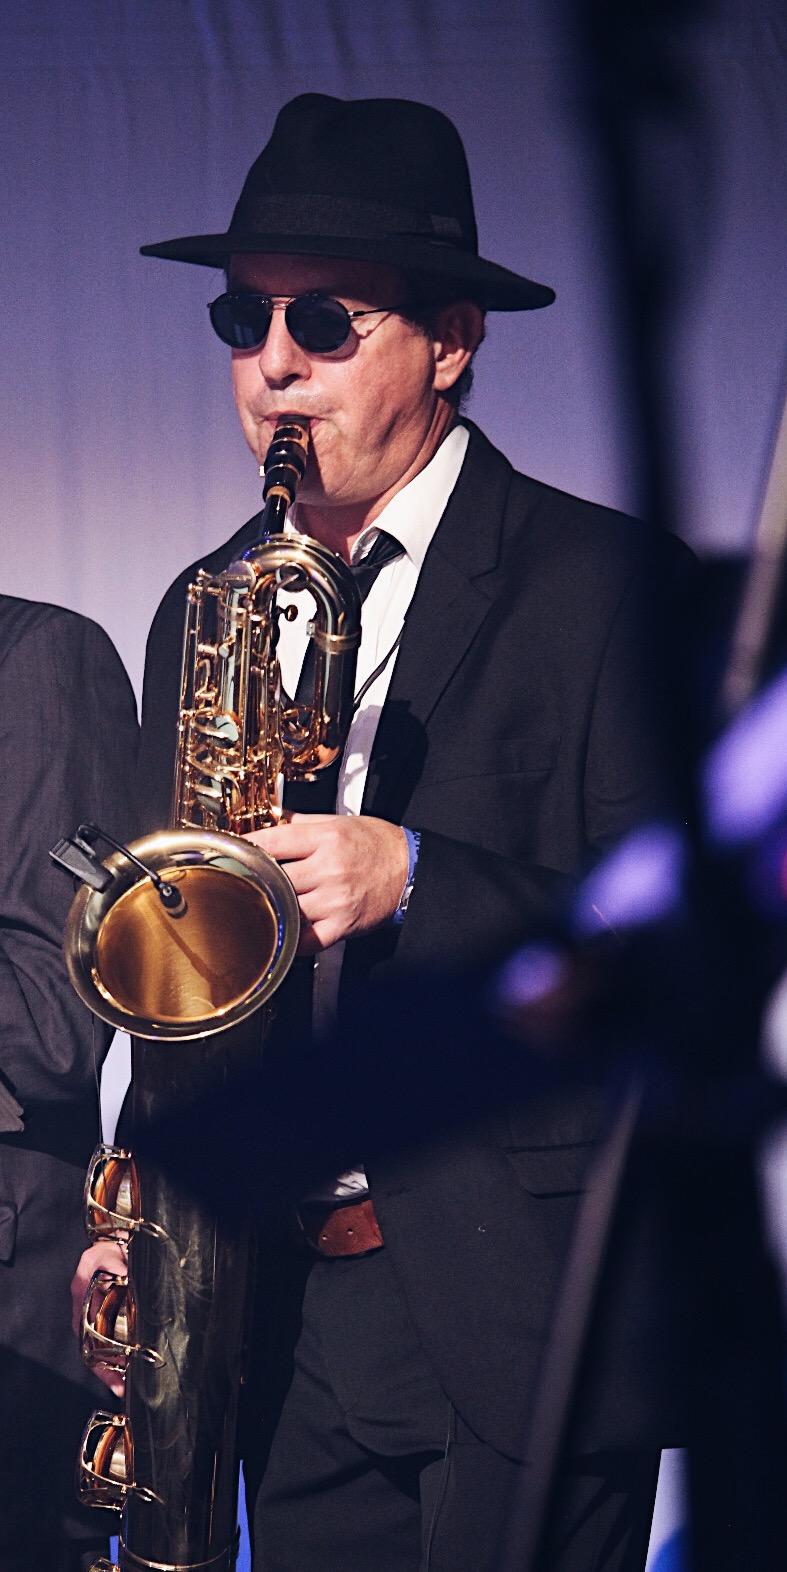 Werner Armbrust am Bari-Sex (Bildrechte: Sabine Köstlmaier)